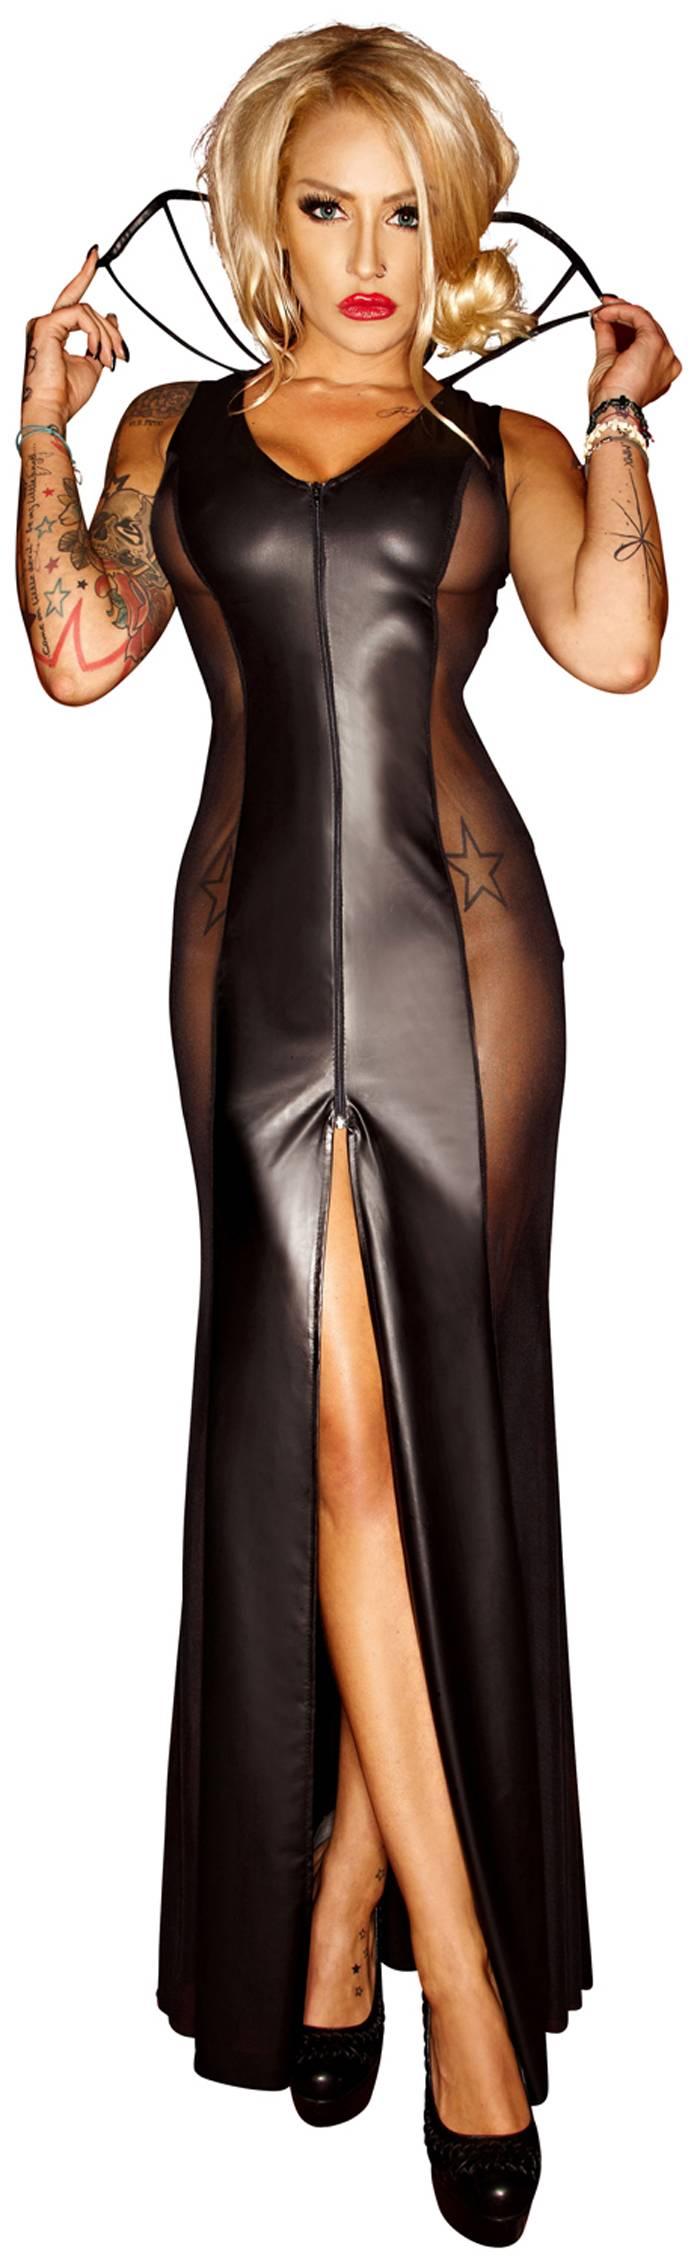 2f52f51f0f Noir Handmade - Rassiges langes Wetlook Kleid mit Tüll schwarz ...